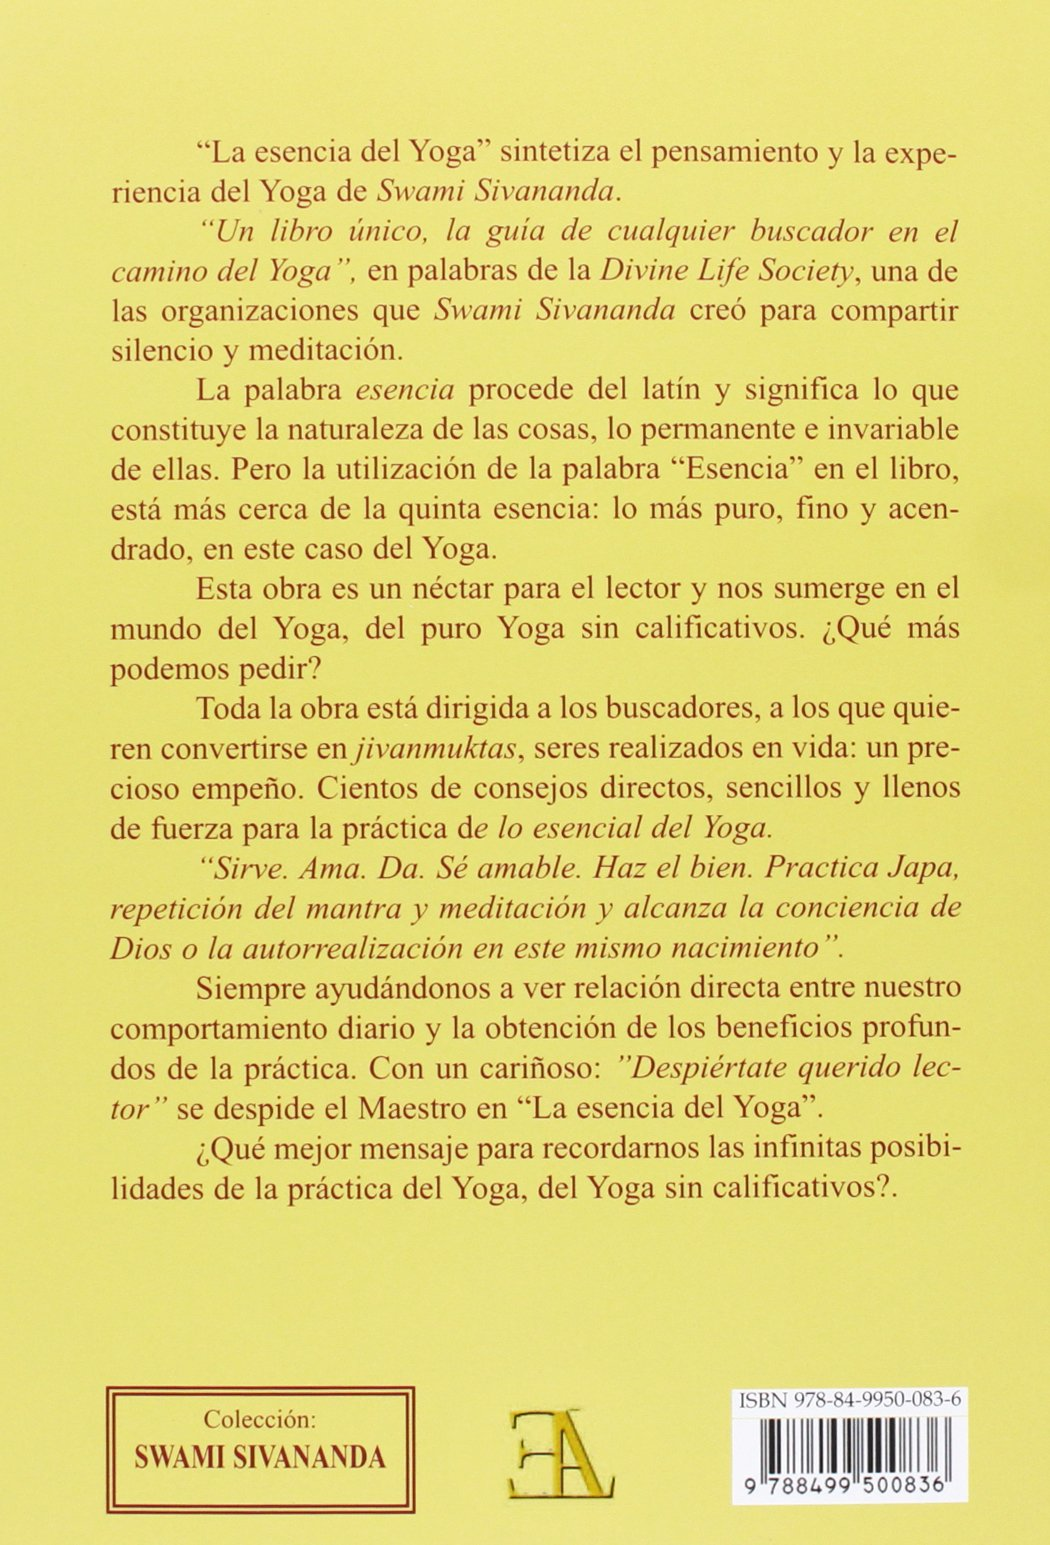 La esencia del yoga: Swami Sivananda - Swami ...